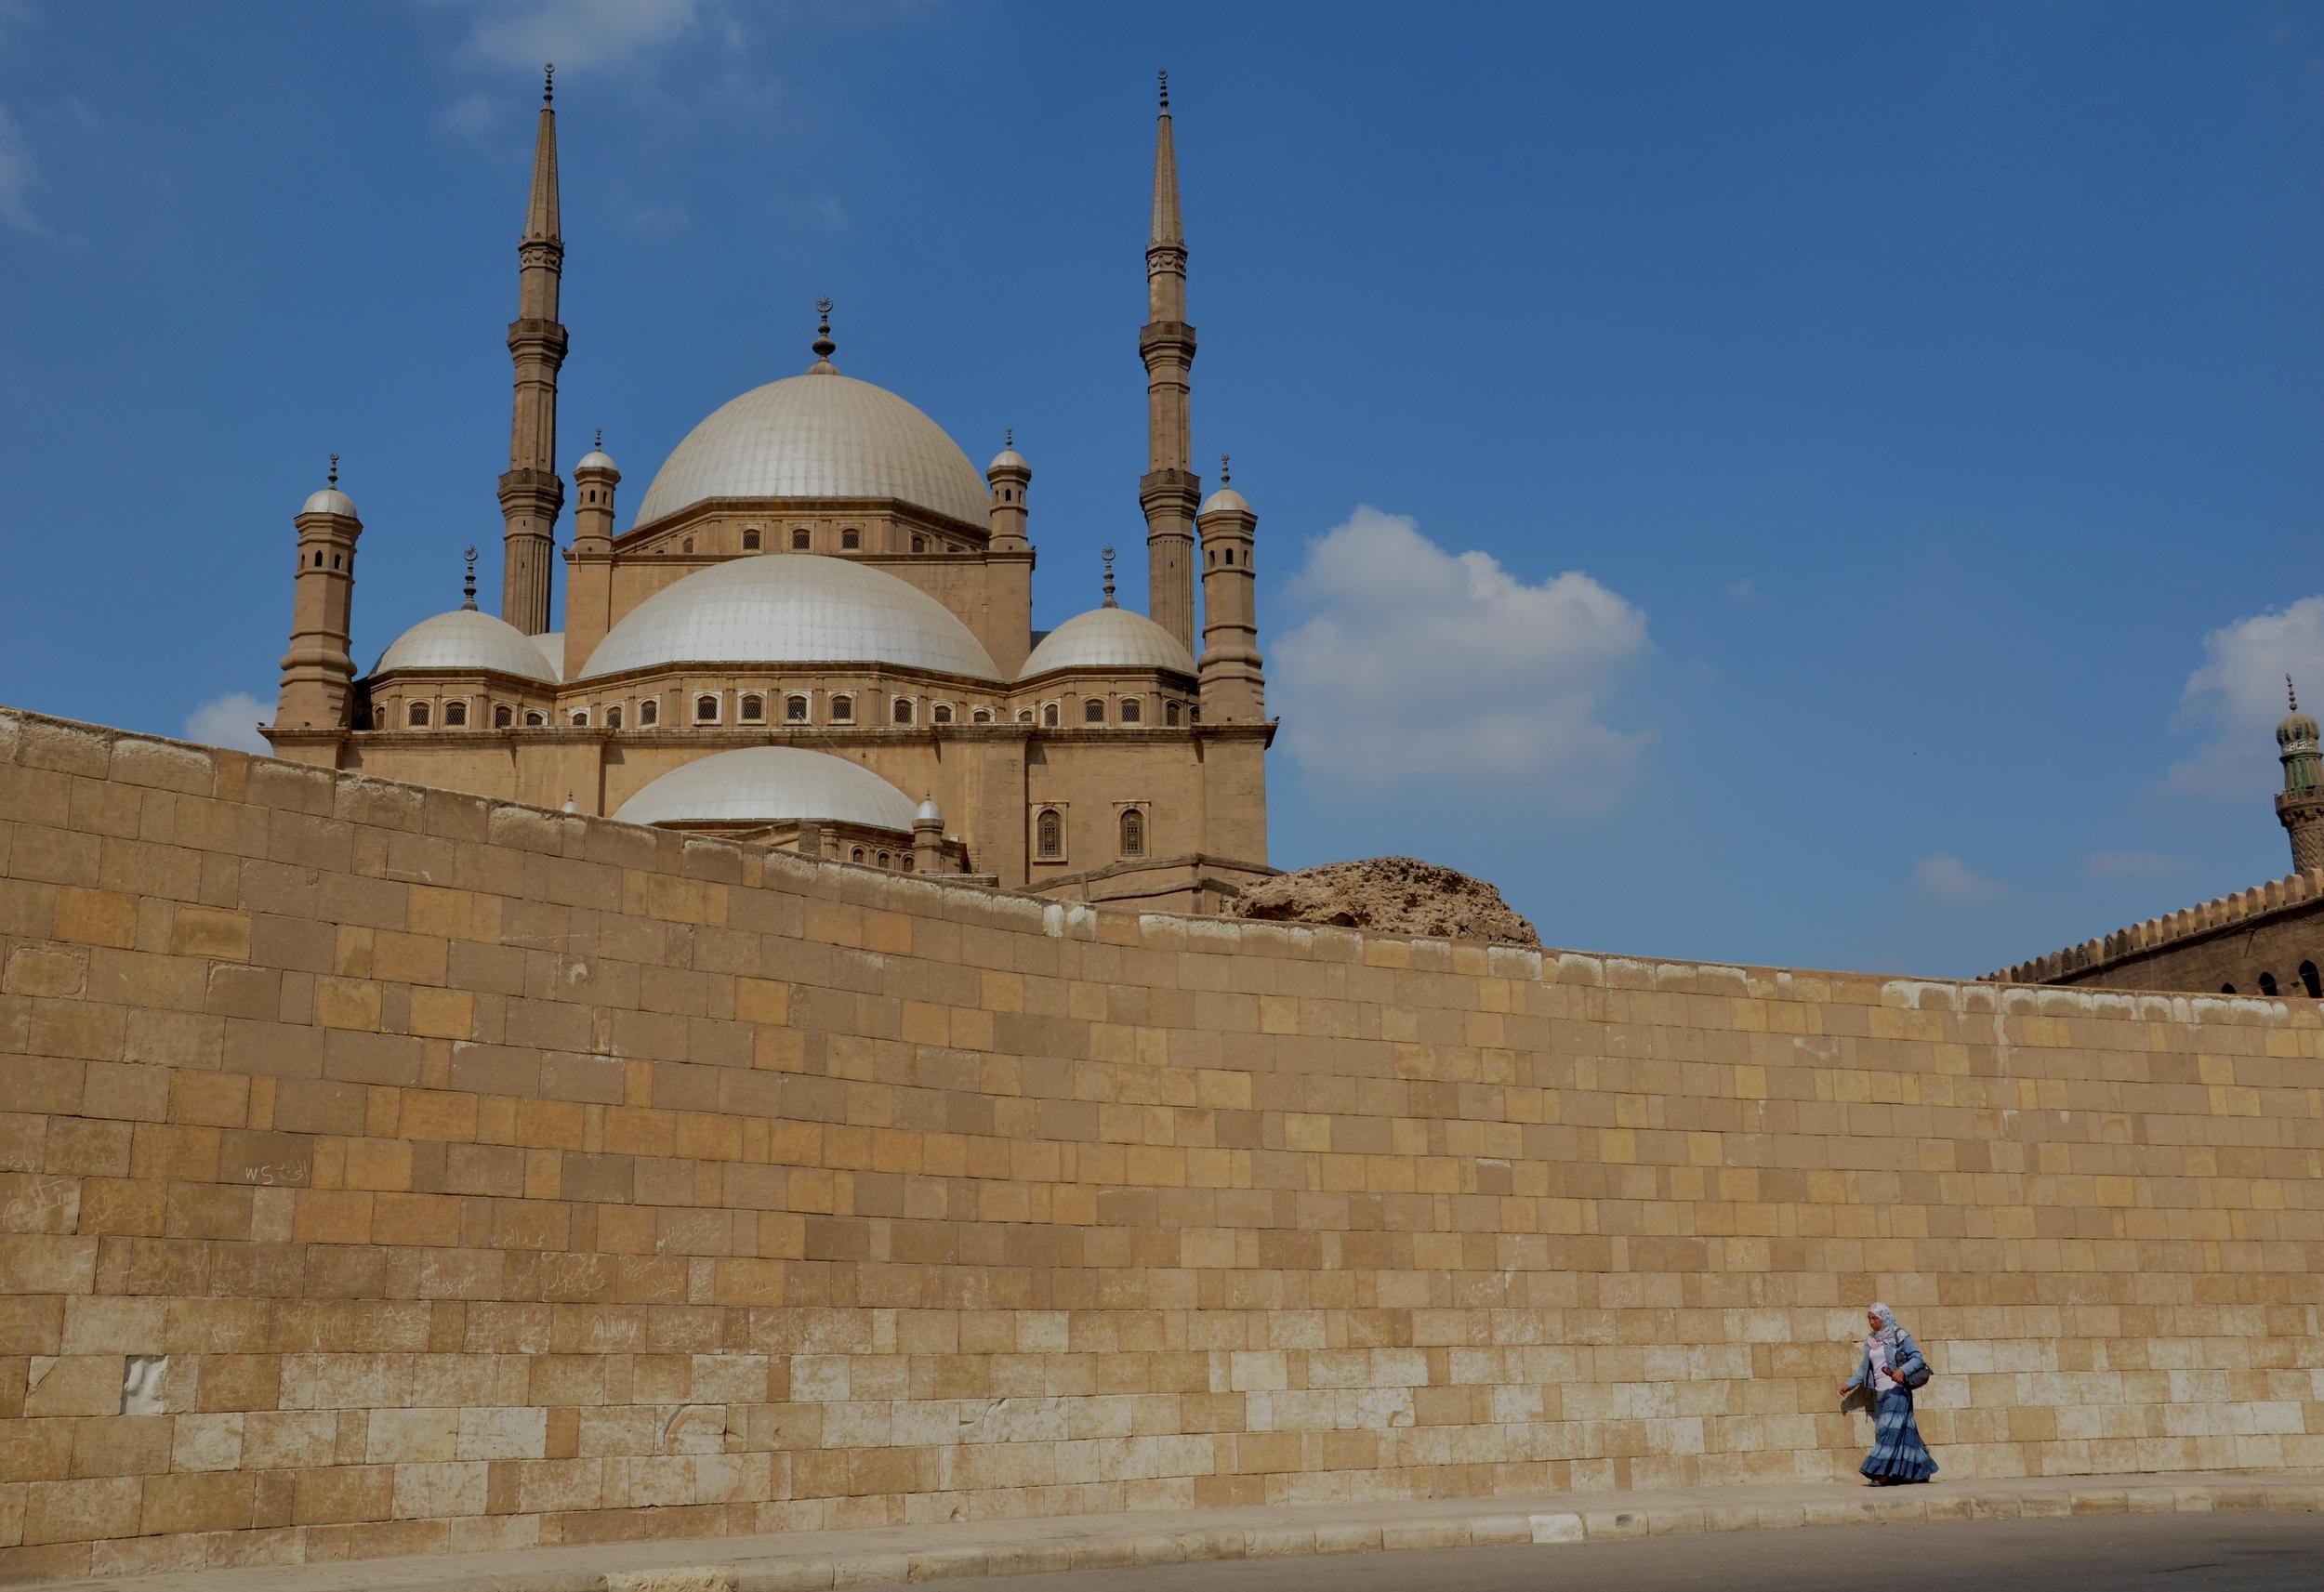 Egypte: depuis 2011, l'athéisme progresse - La chute d'Hosni Moubarak a permis à toute la jeune génération, qui n'avait connu que ce